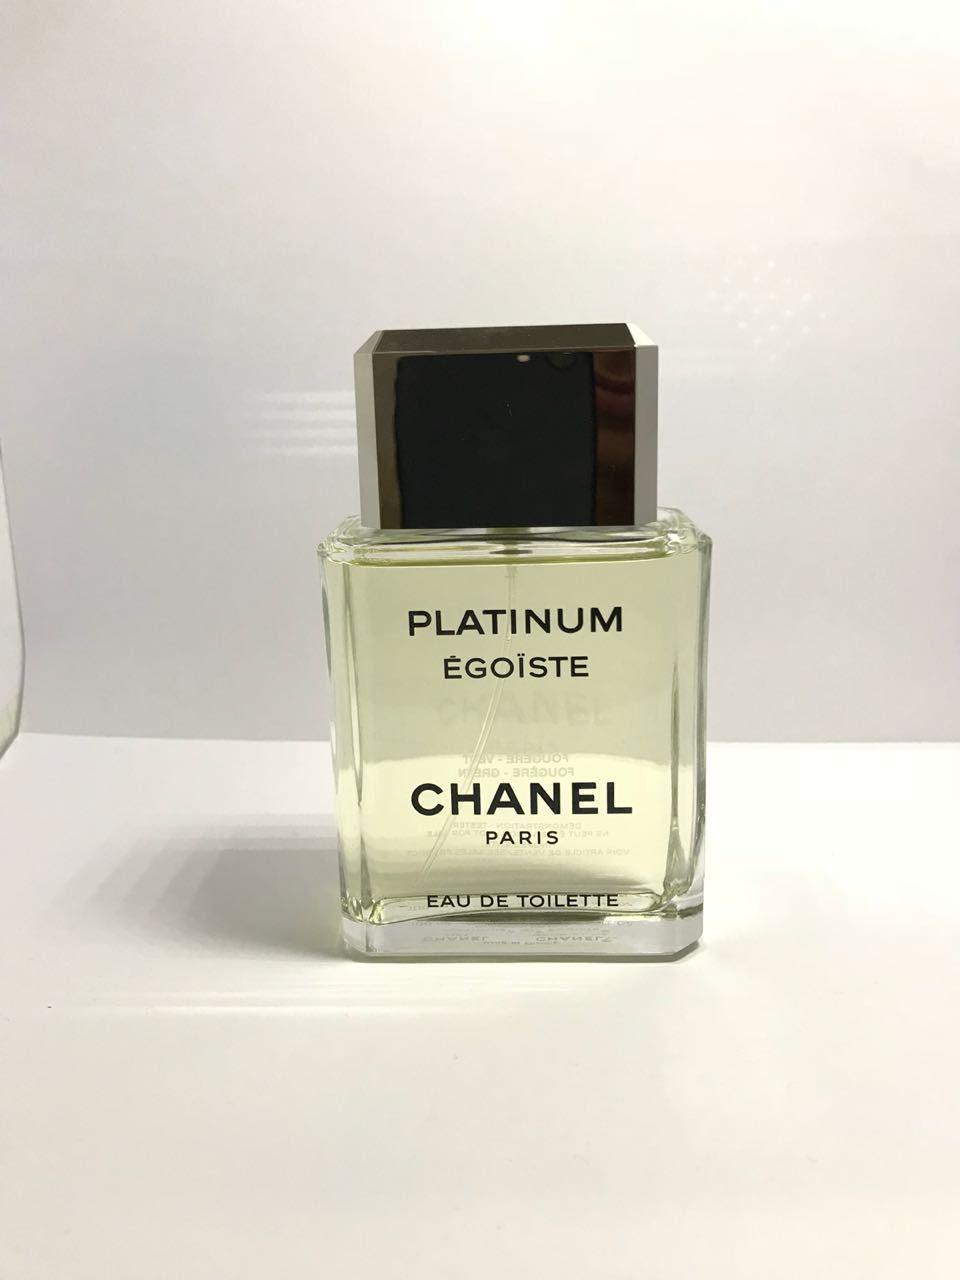 Platinum Egoiste Pour Homme Chanel Masculino Eau de Toilette 100ML- Tester